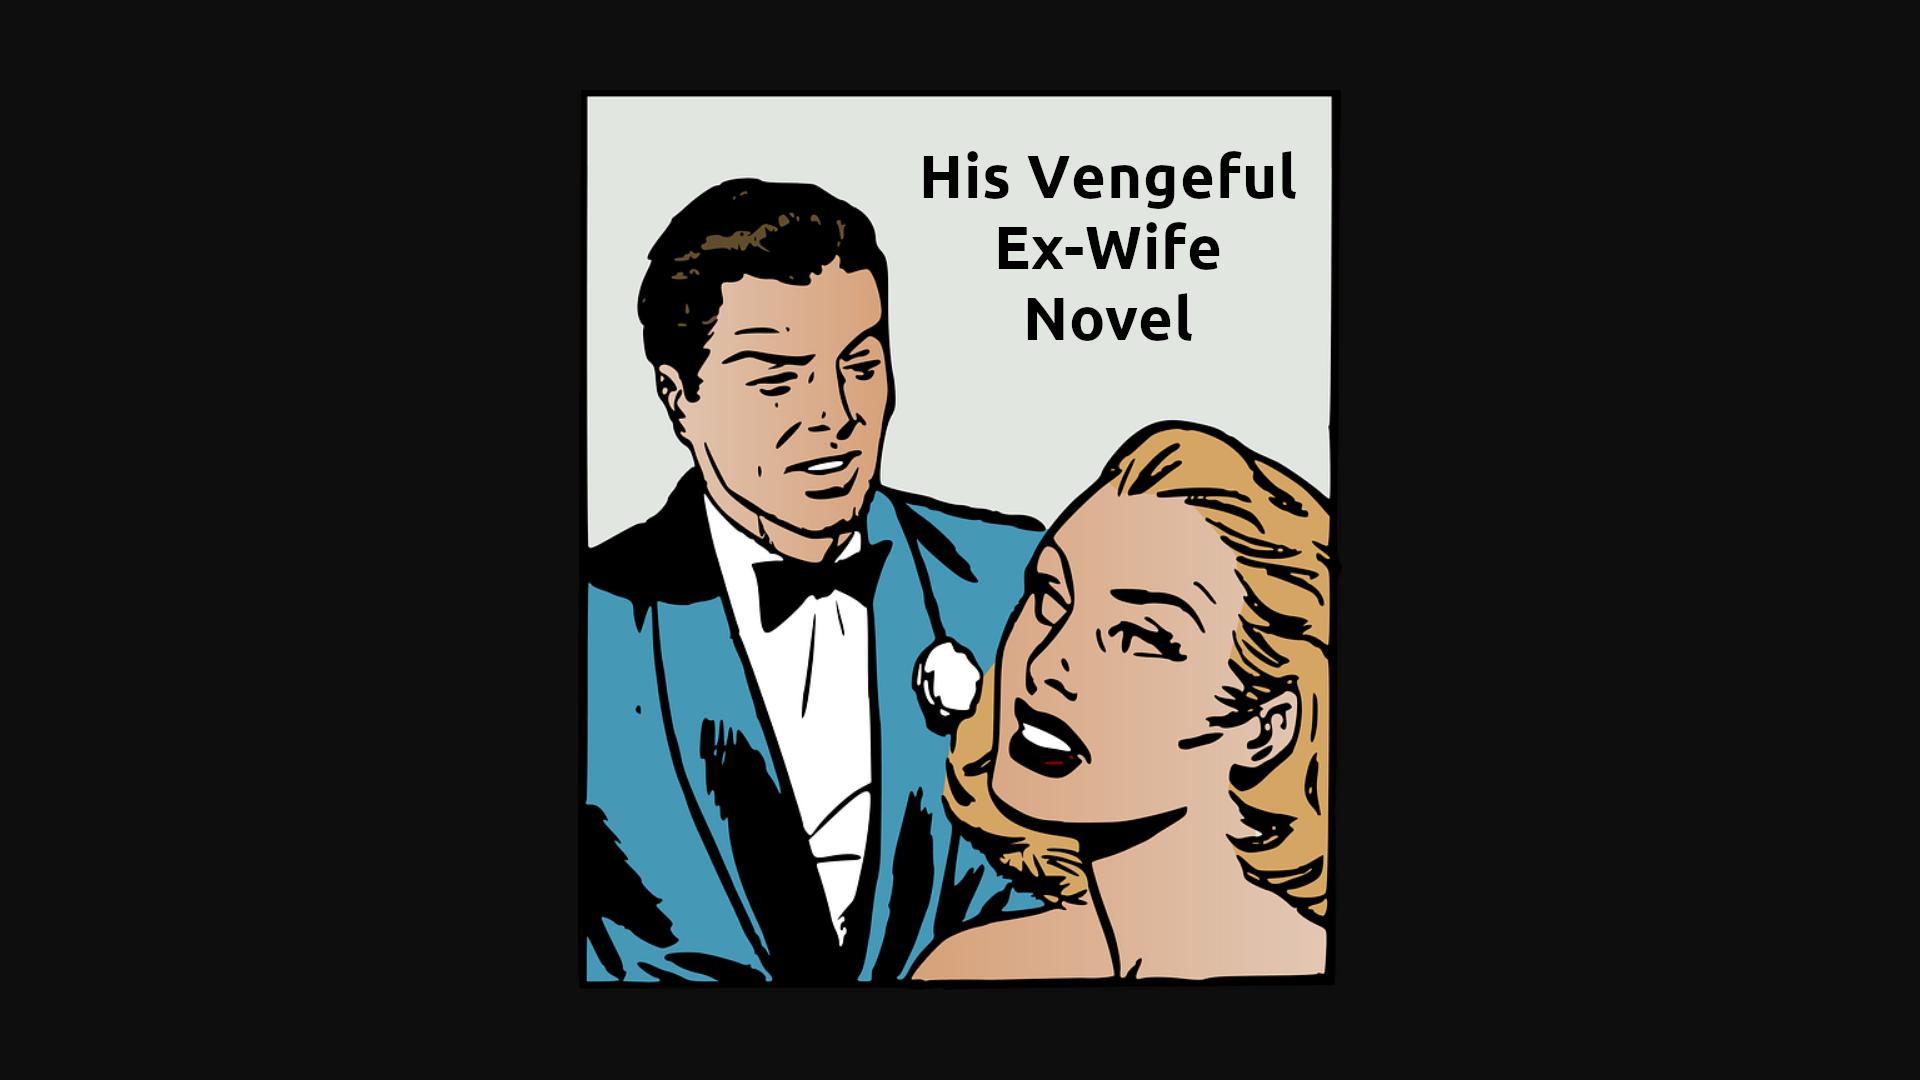 Njegov maščevalni roman bivše žene